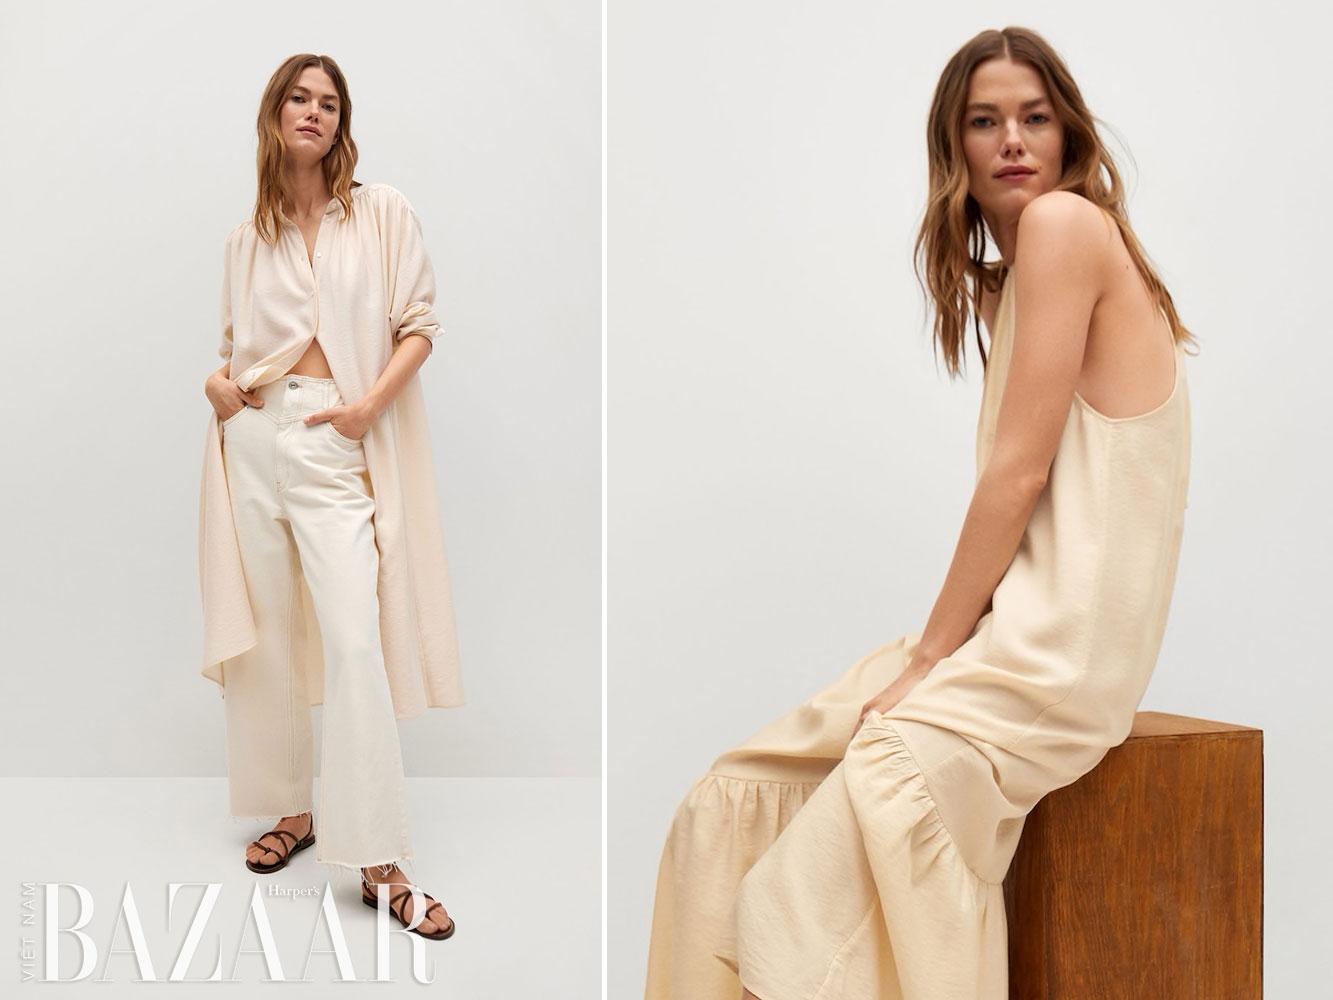 5 ý tưởng mix match chọn đồ mặc mùa hè vừa thời trang, vừa mát 2